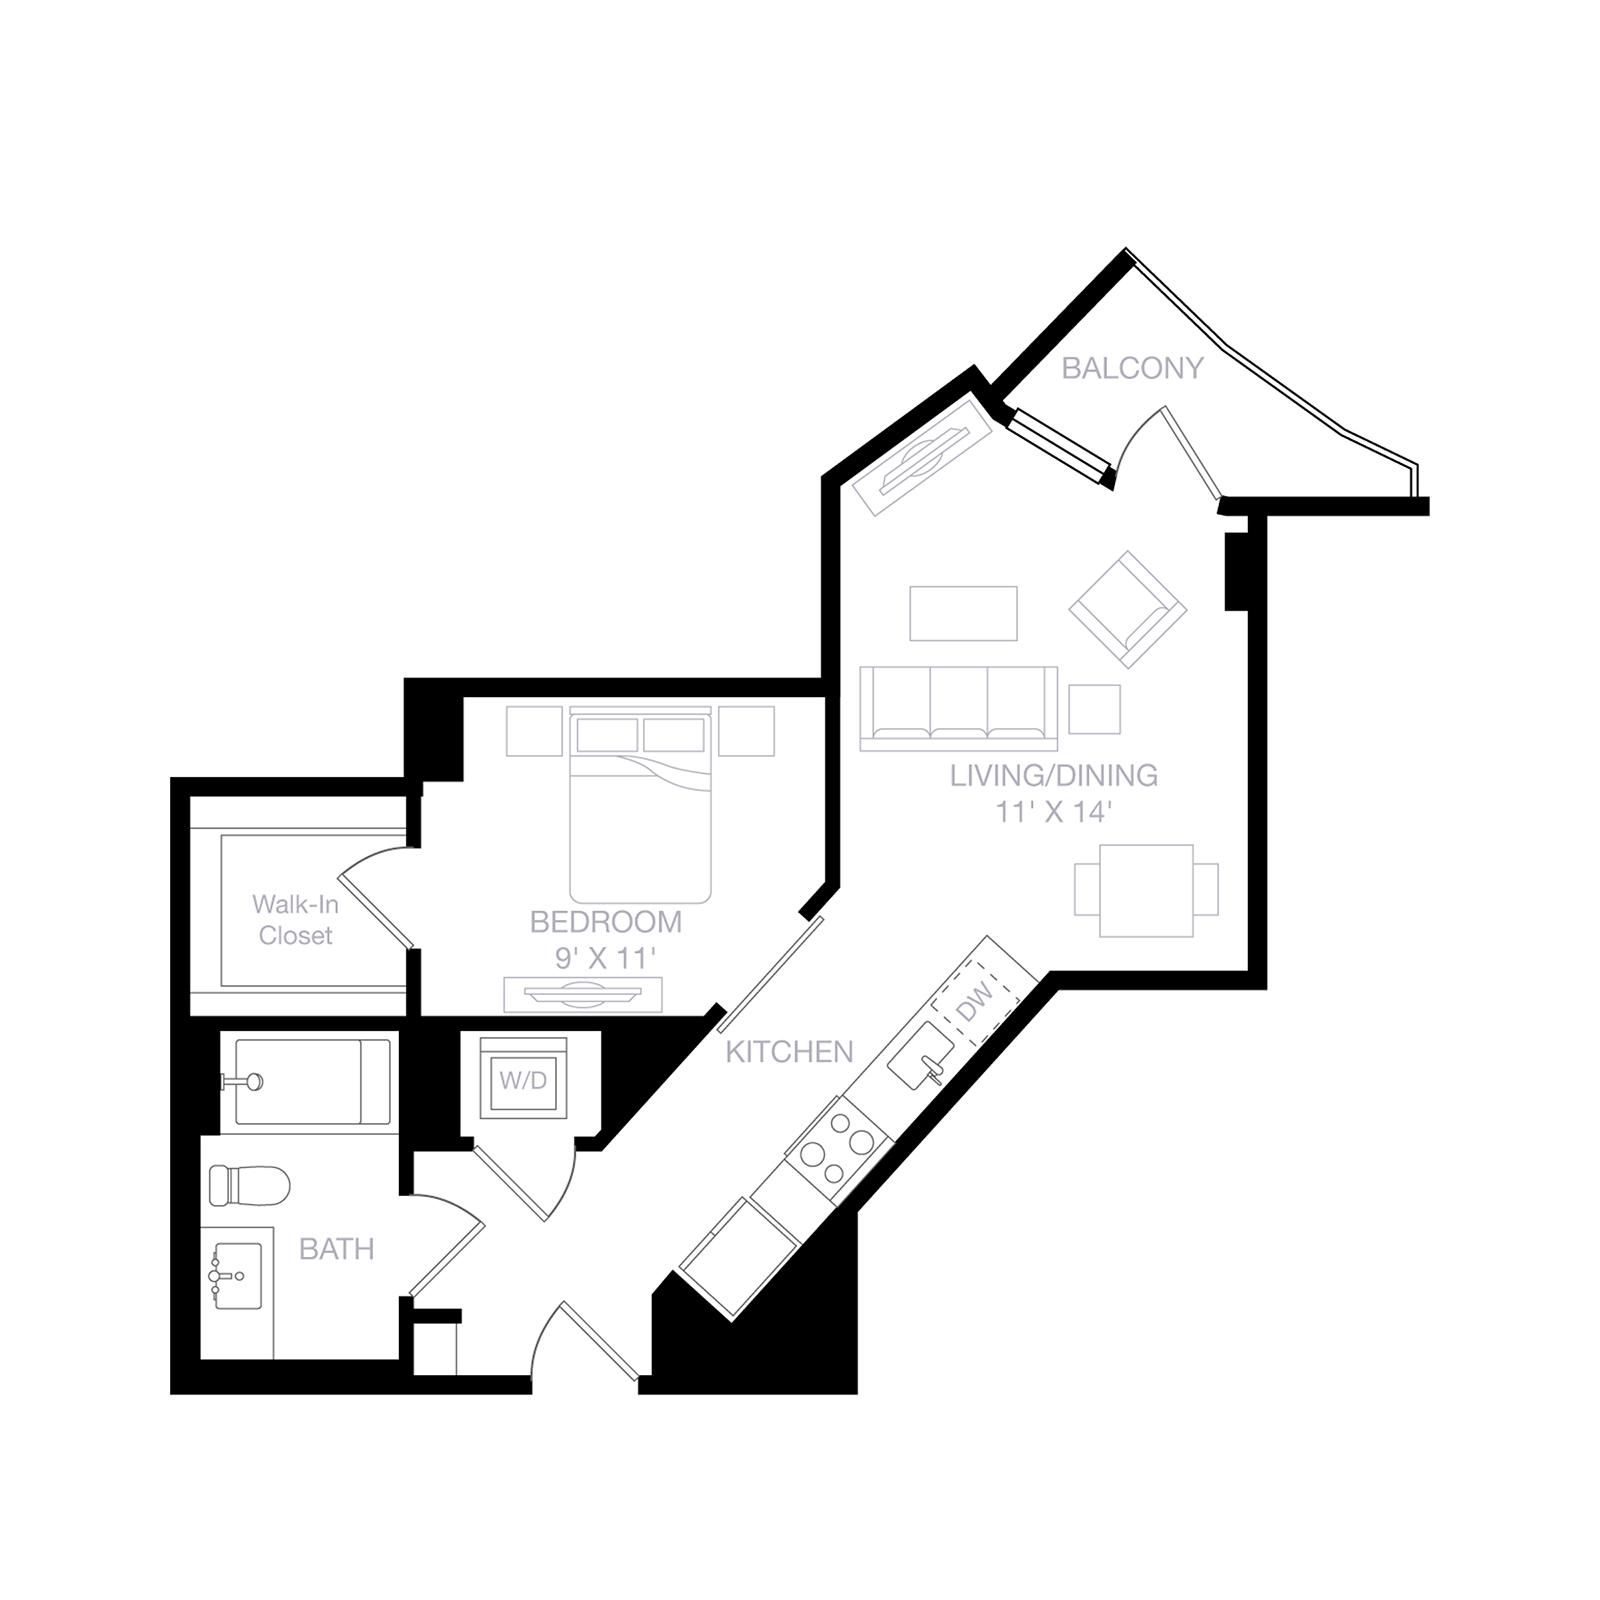 S9 diagram